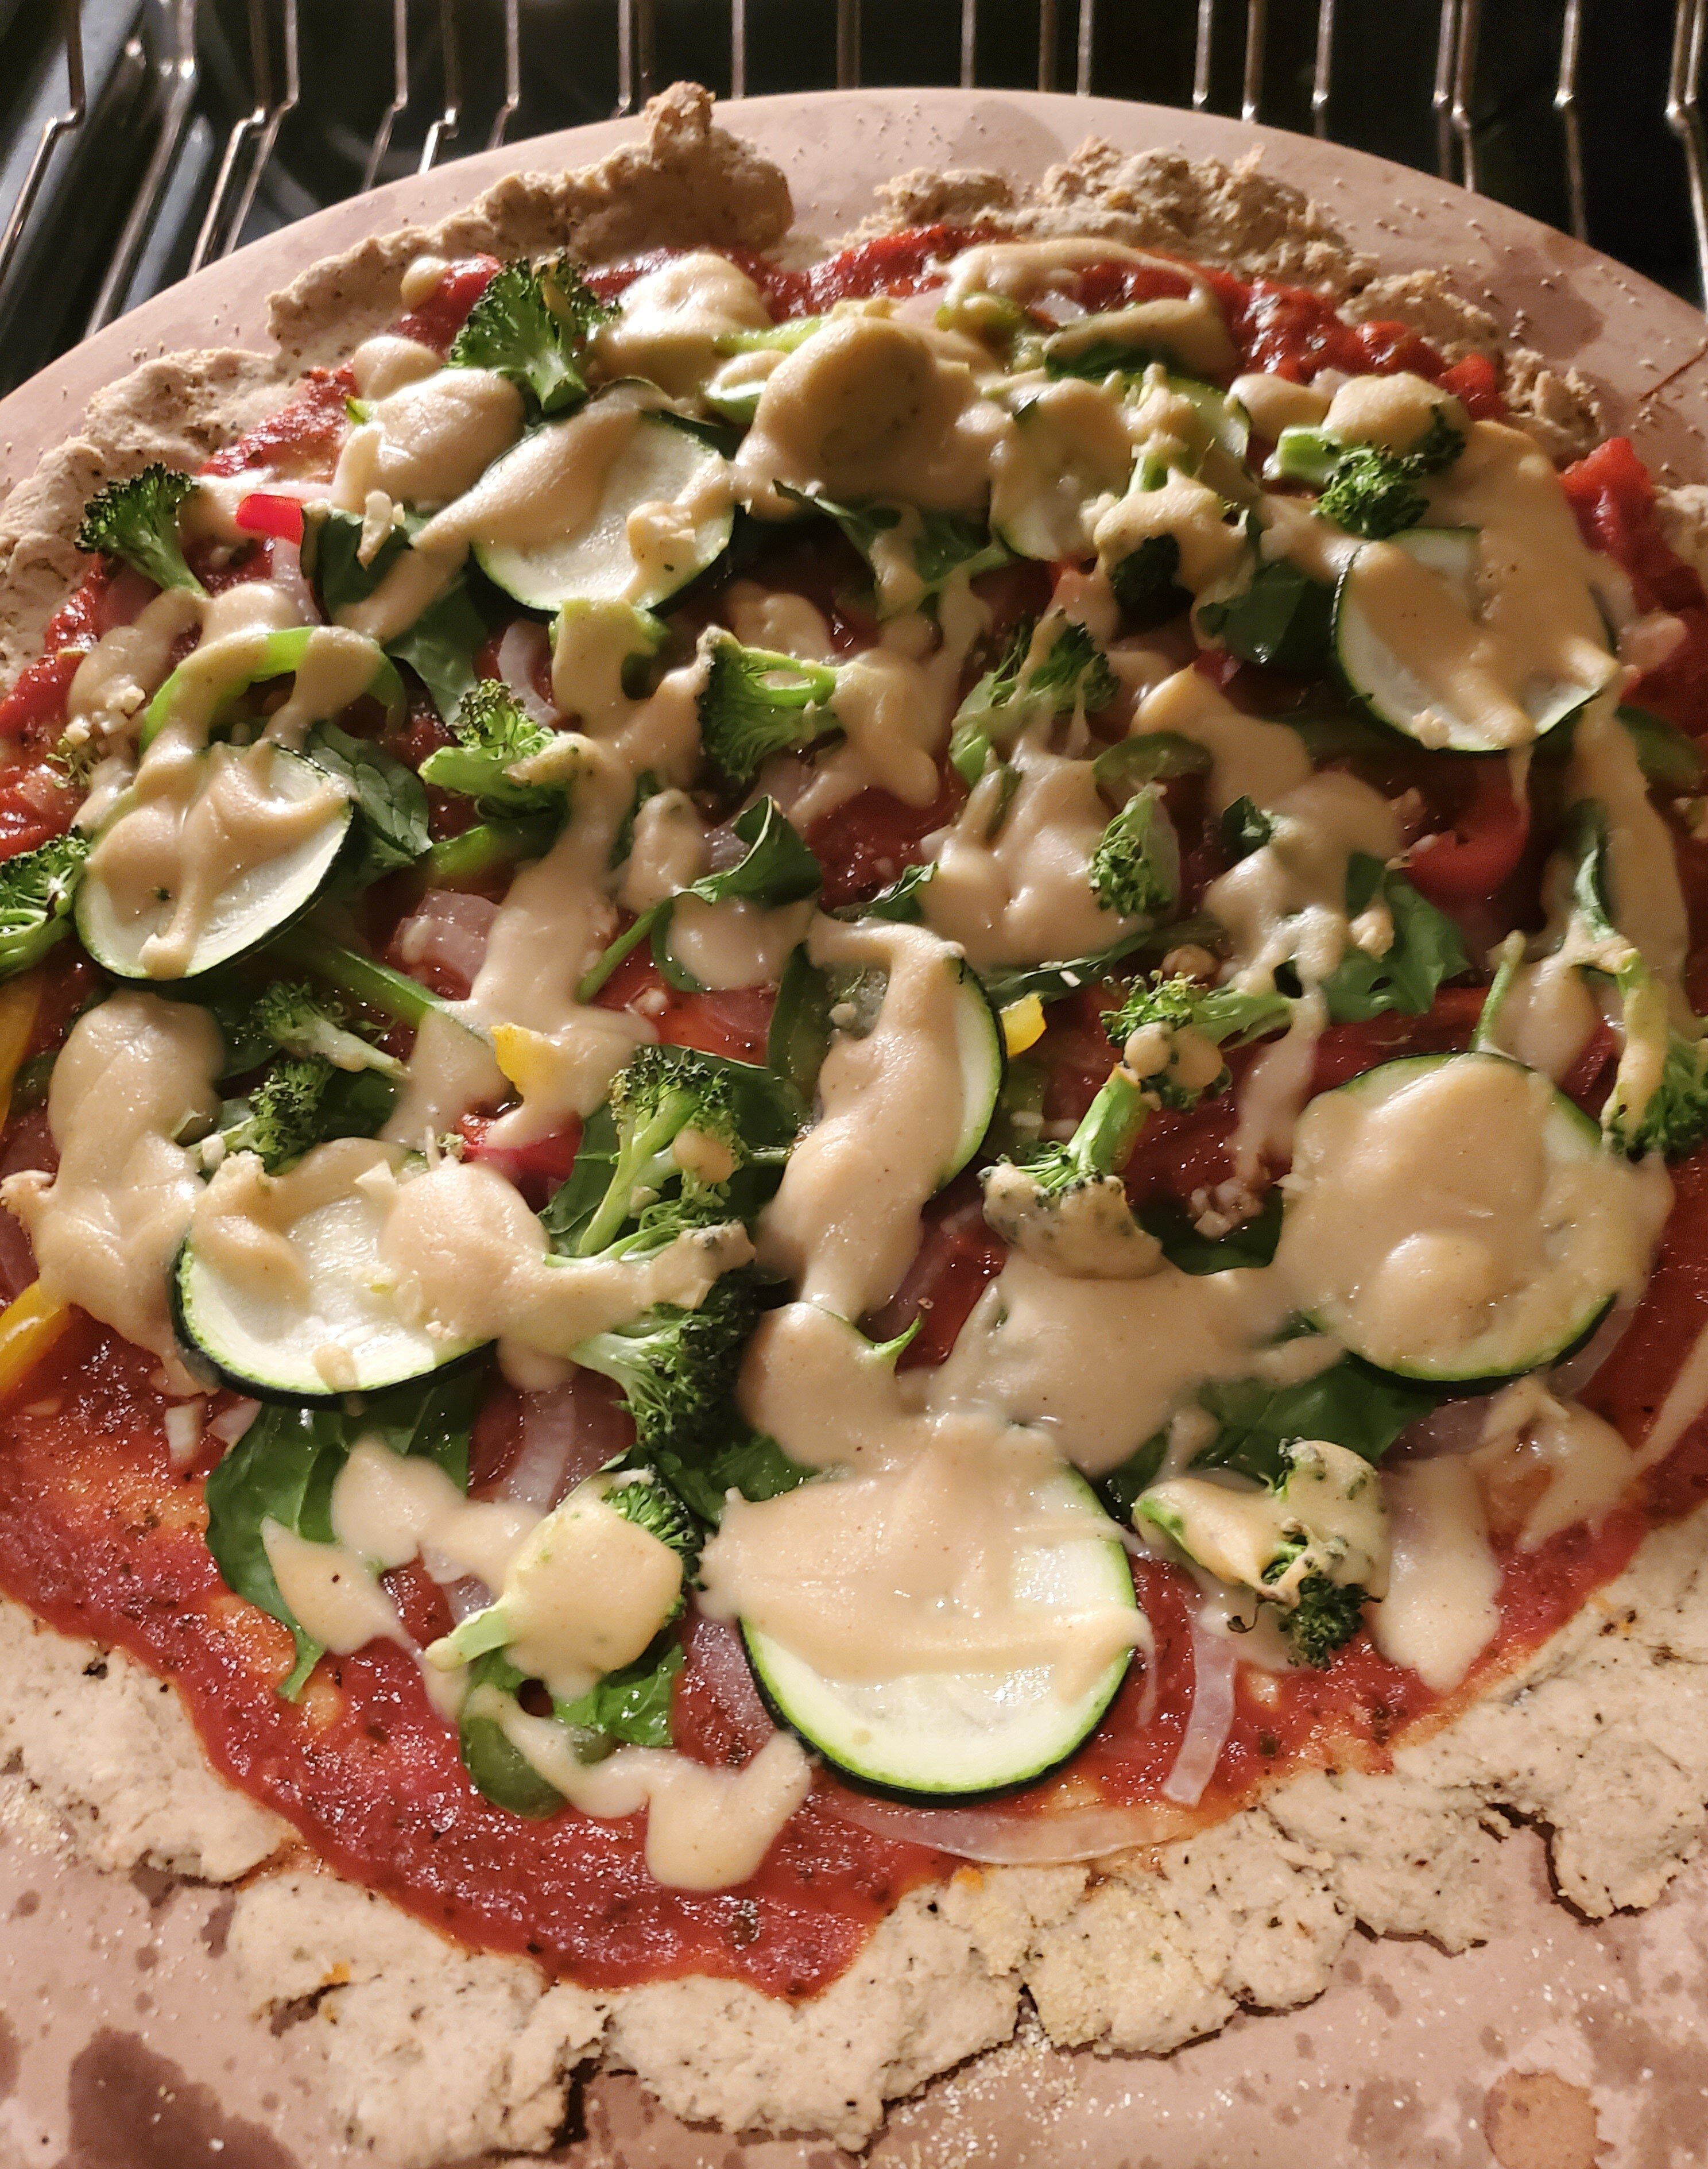 emilys gluten free pizza crust recipe